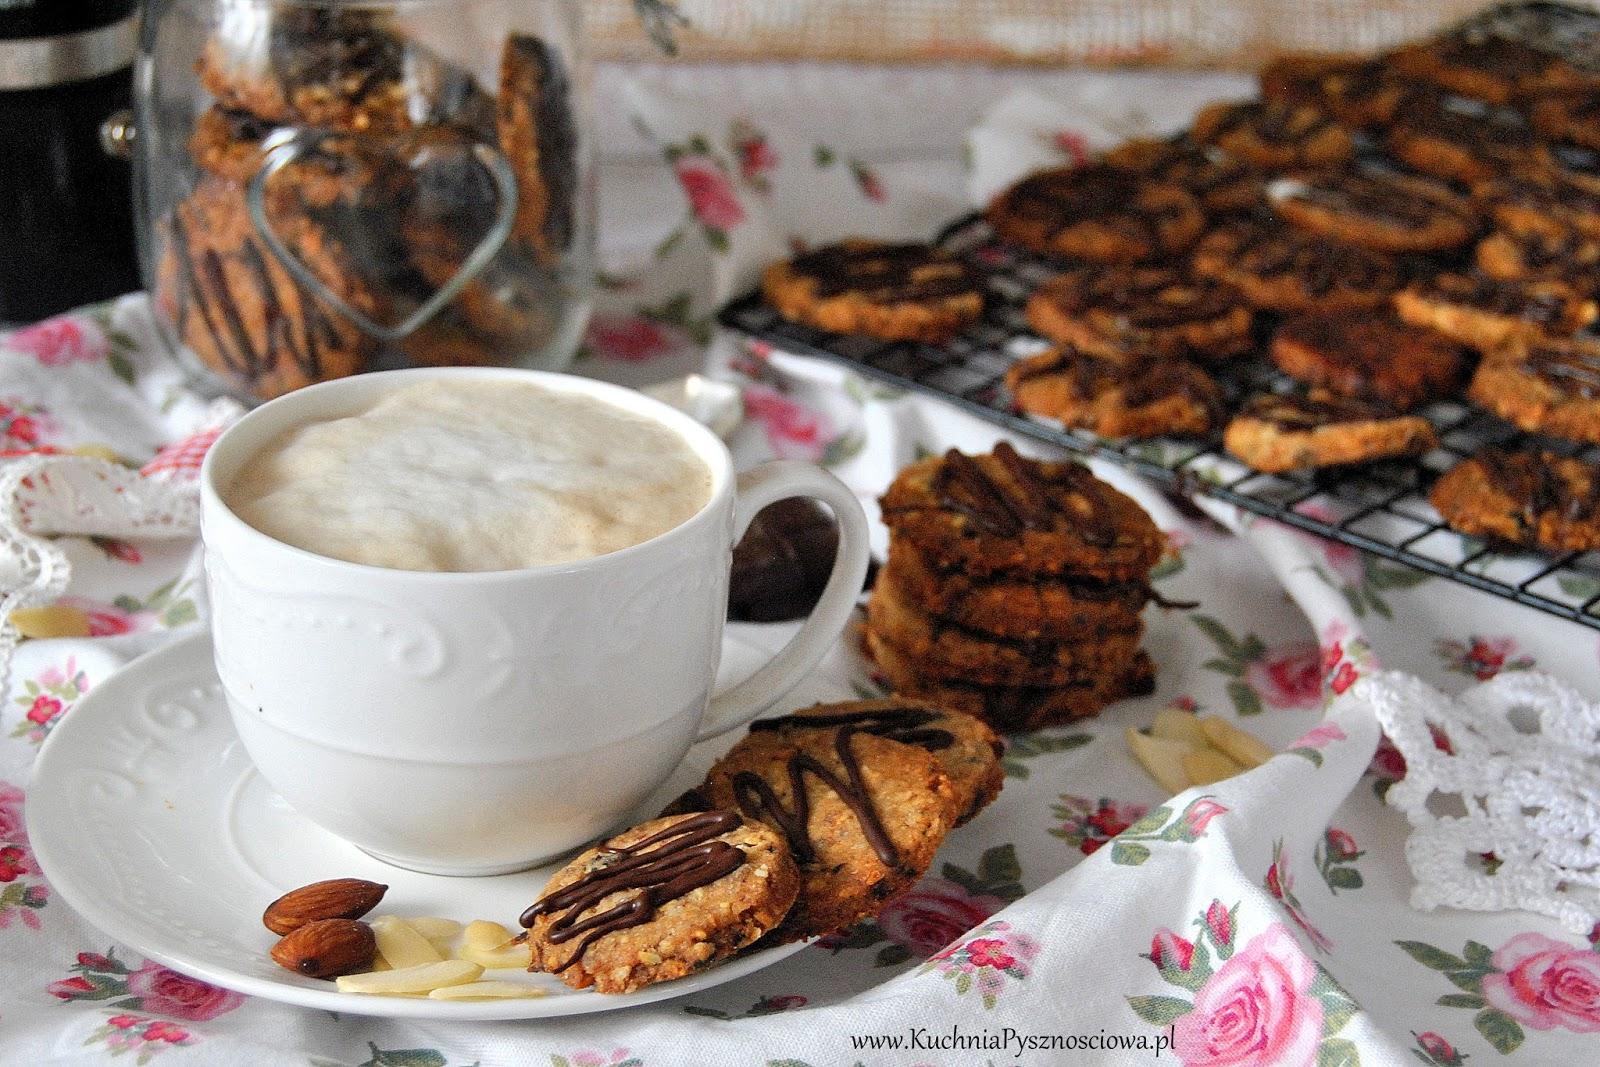 573. Ciastka owsiane z migdałami, bakaliami i czekoladą